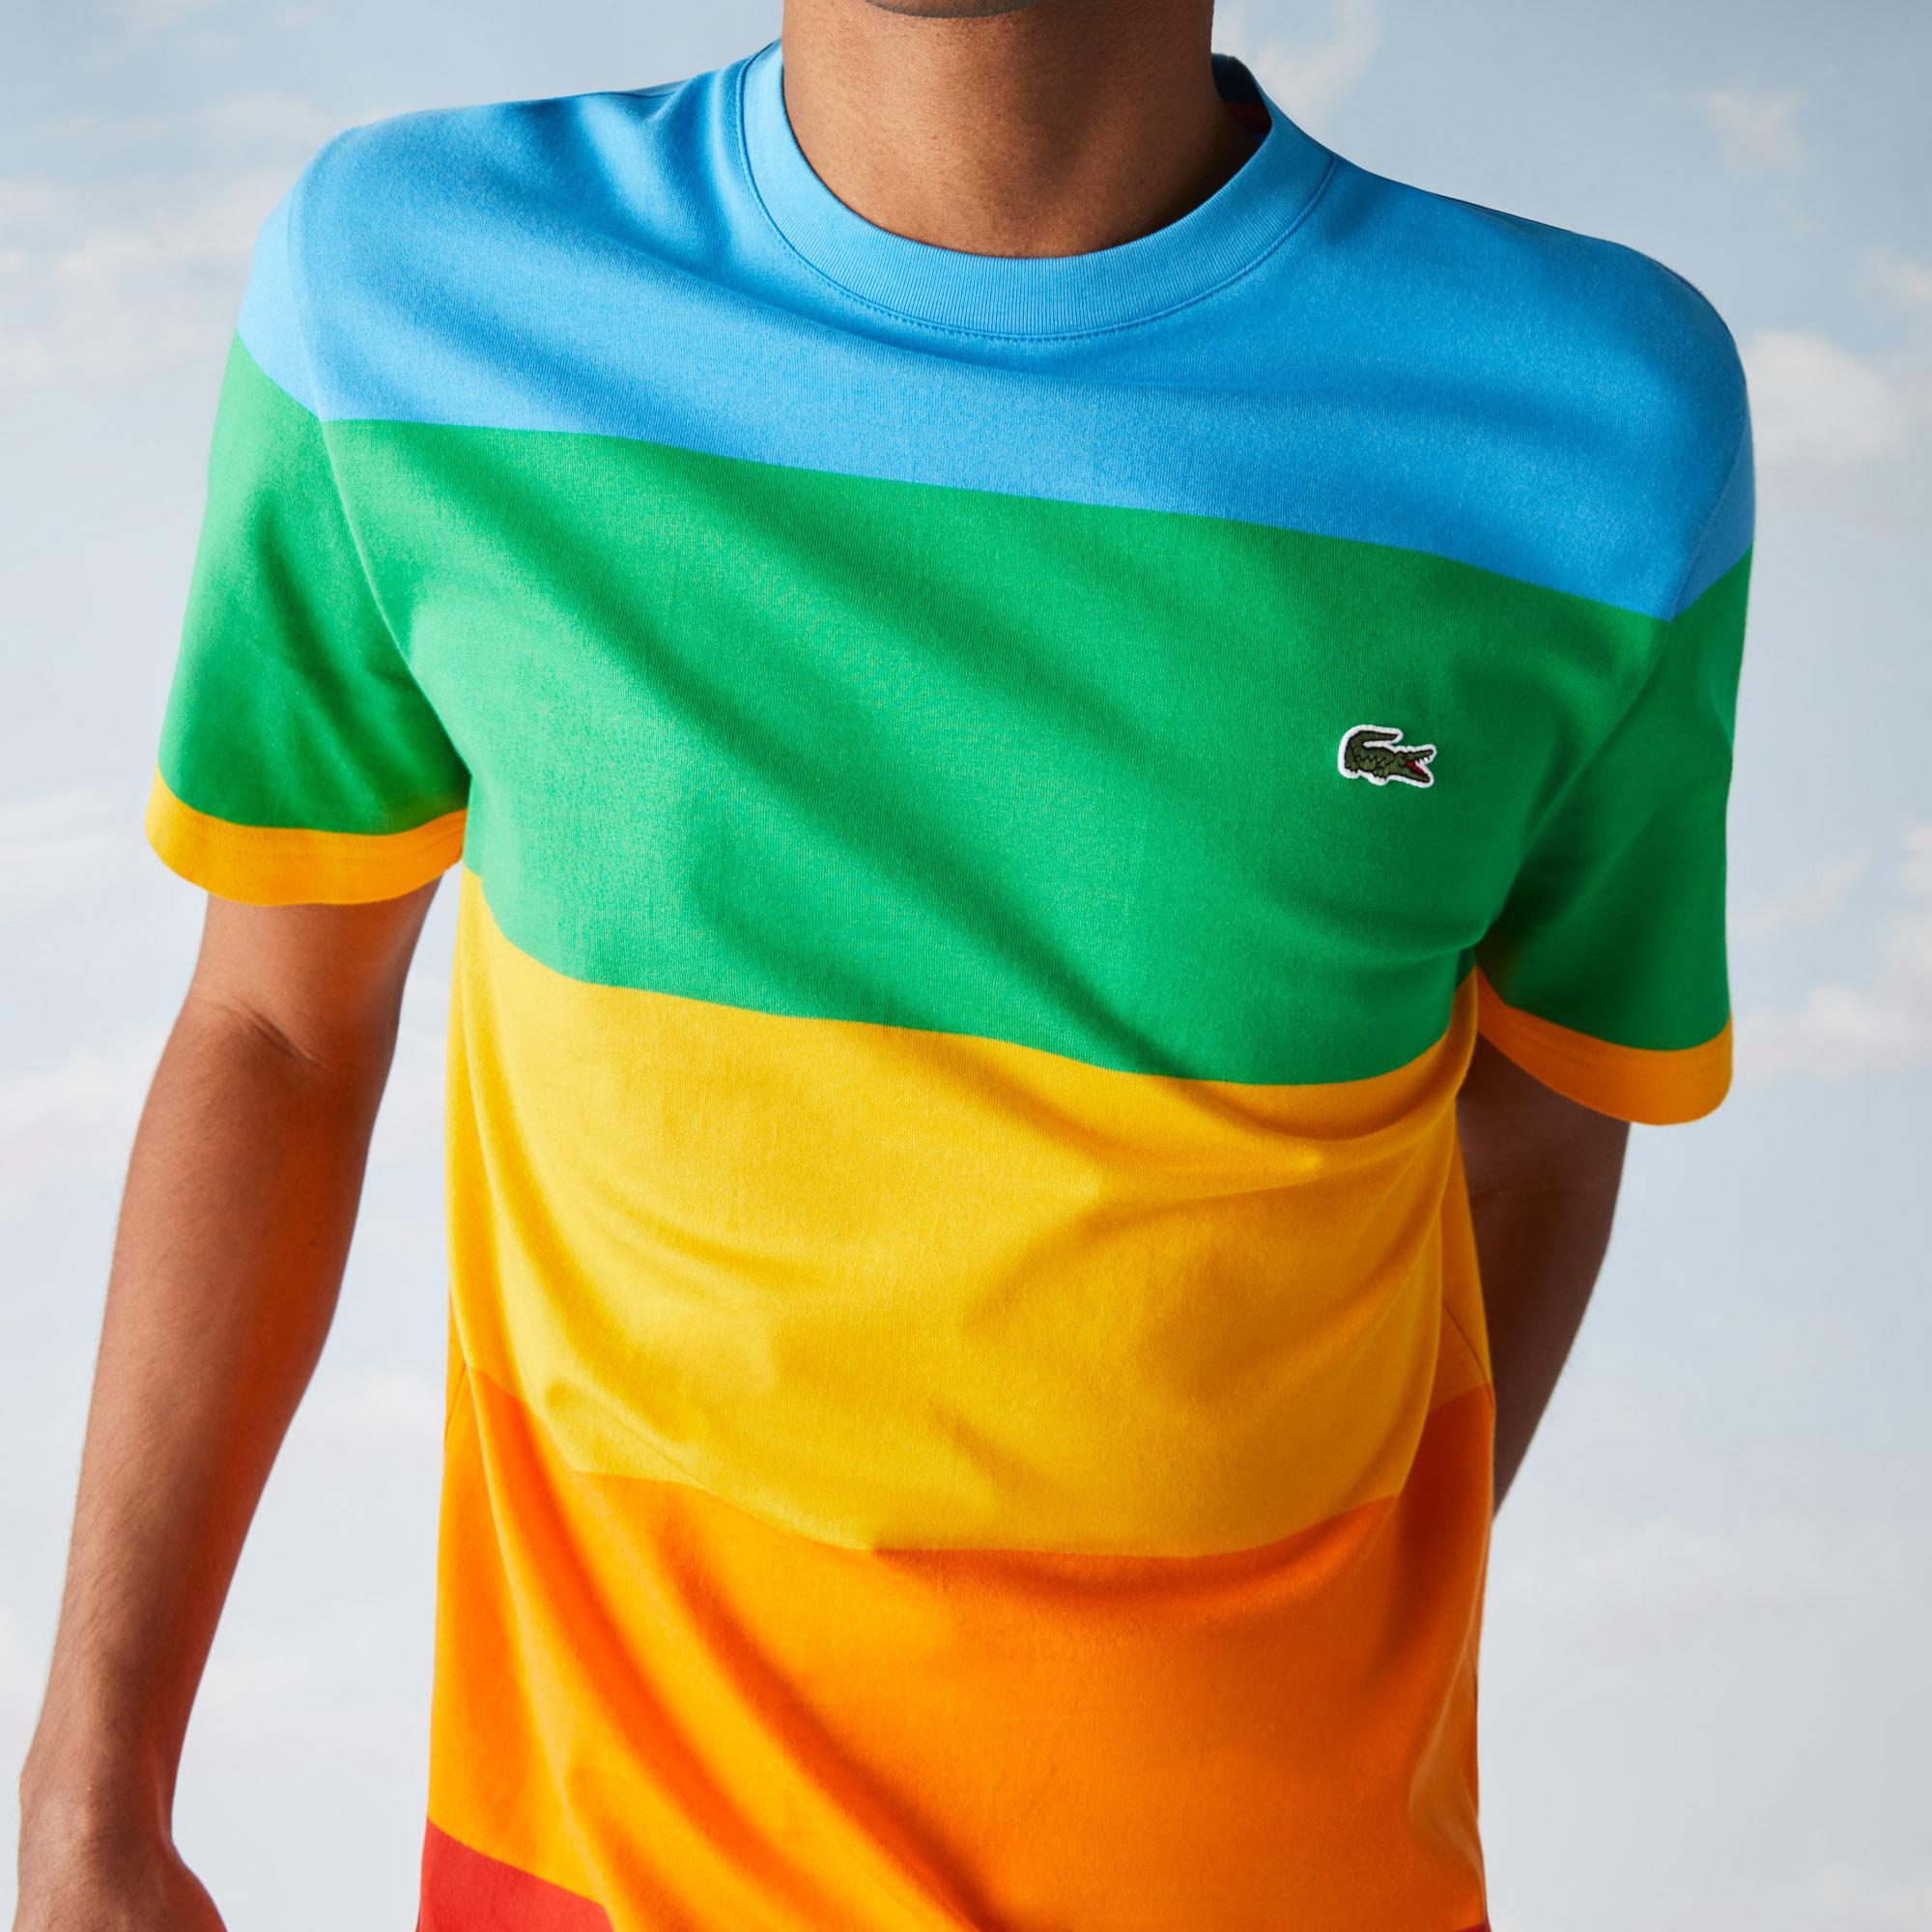 Lacoste X Polaroid Erkek Regular Fit Bisiklet Yaka Renk Bloklu Renkli T-Shirt